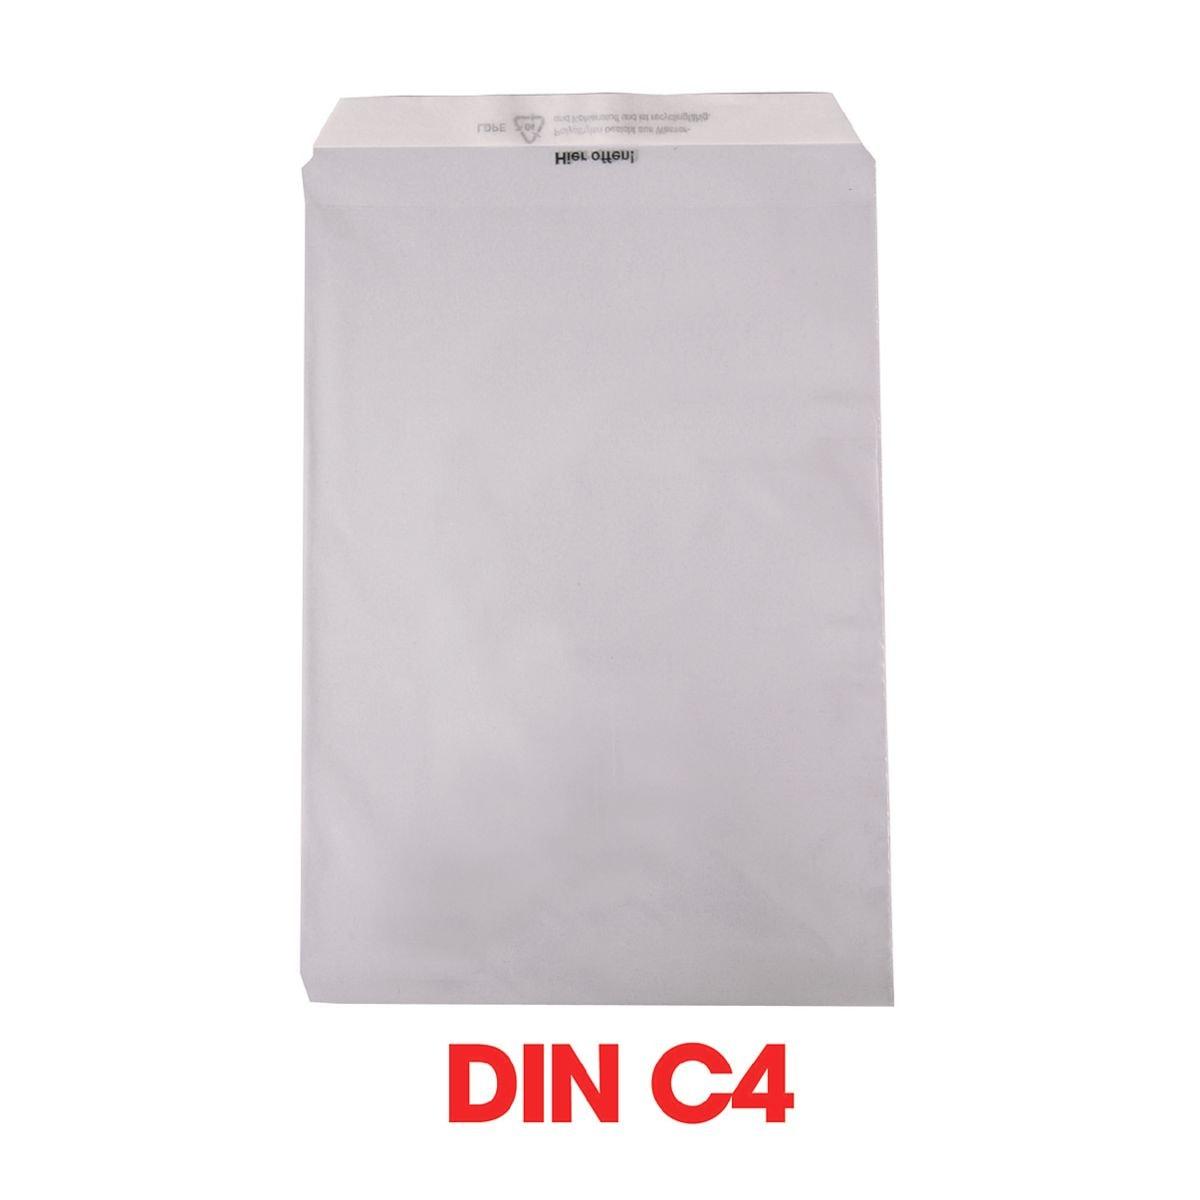 Mailmedia 1000 Folienversandtaschen, C4 50 g/m² ohne Fenster